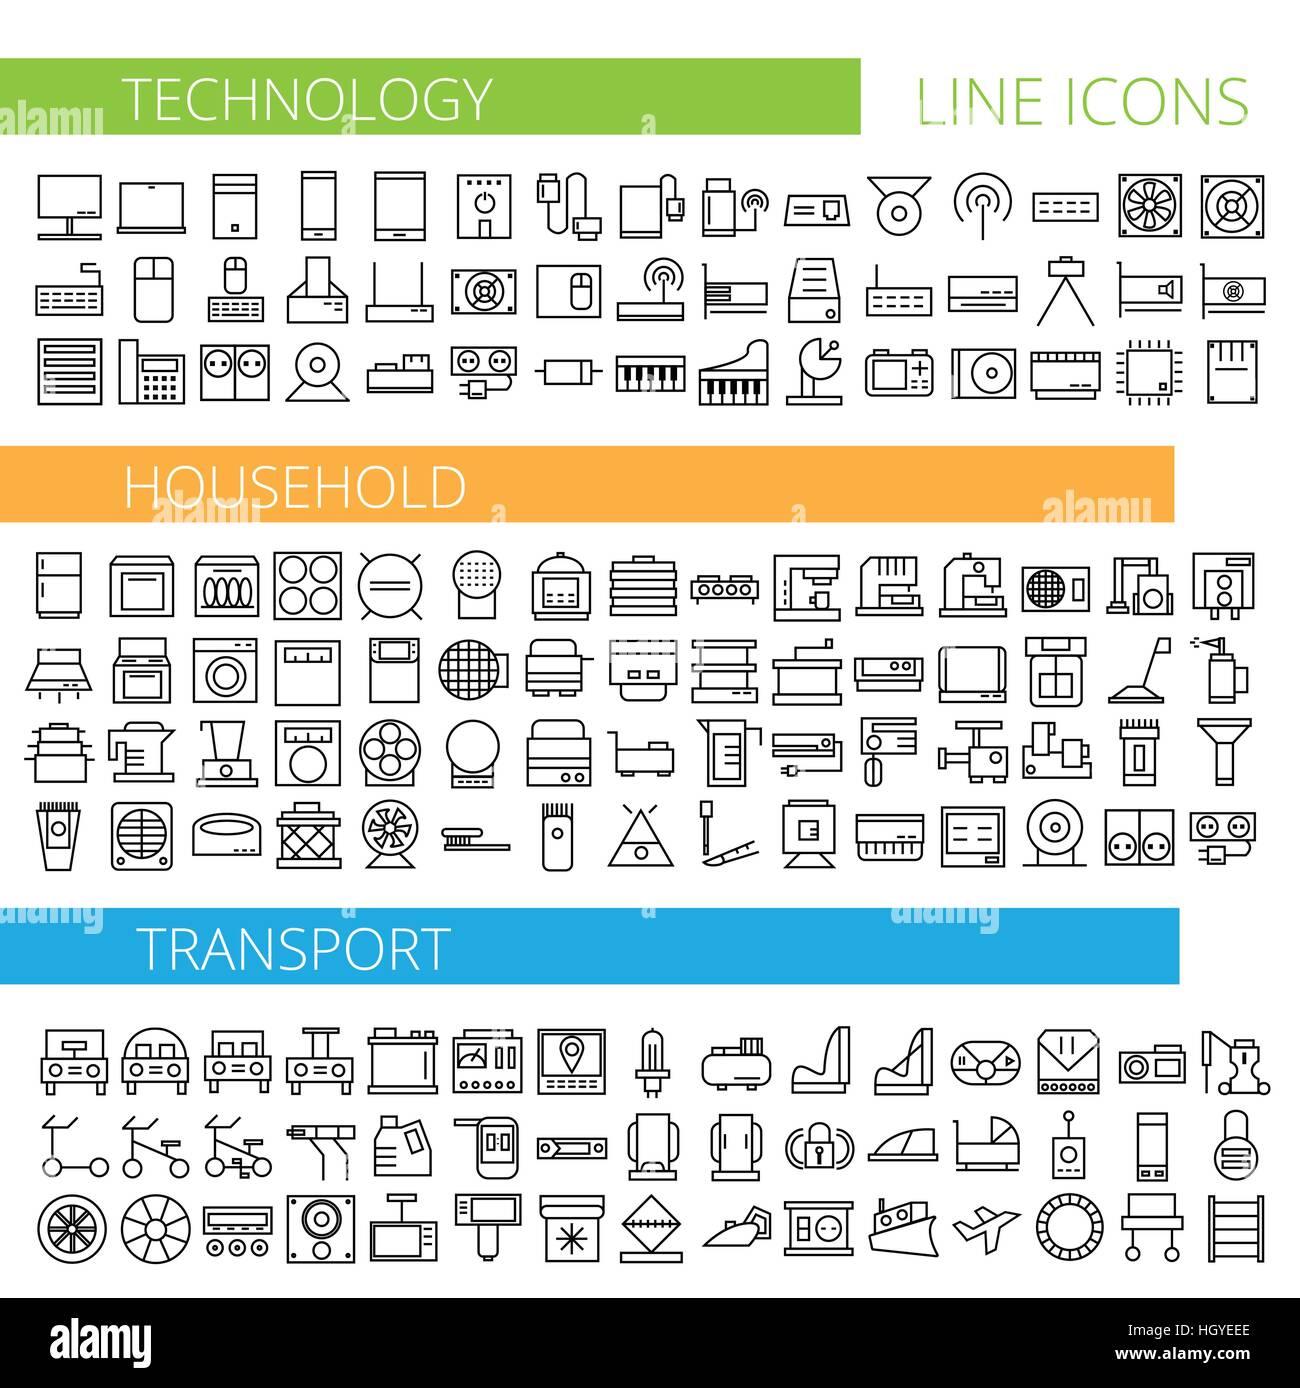 Illustration vecteur de ligne mince des icônes pour les ménages de la technologie et des transports - série des Illustration de Vecteur